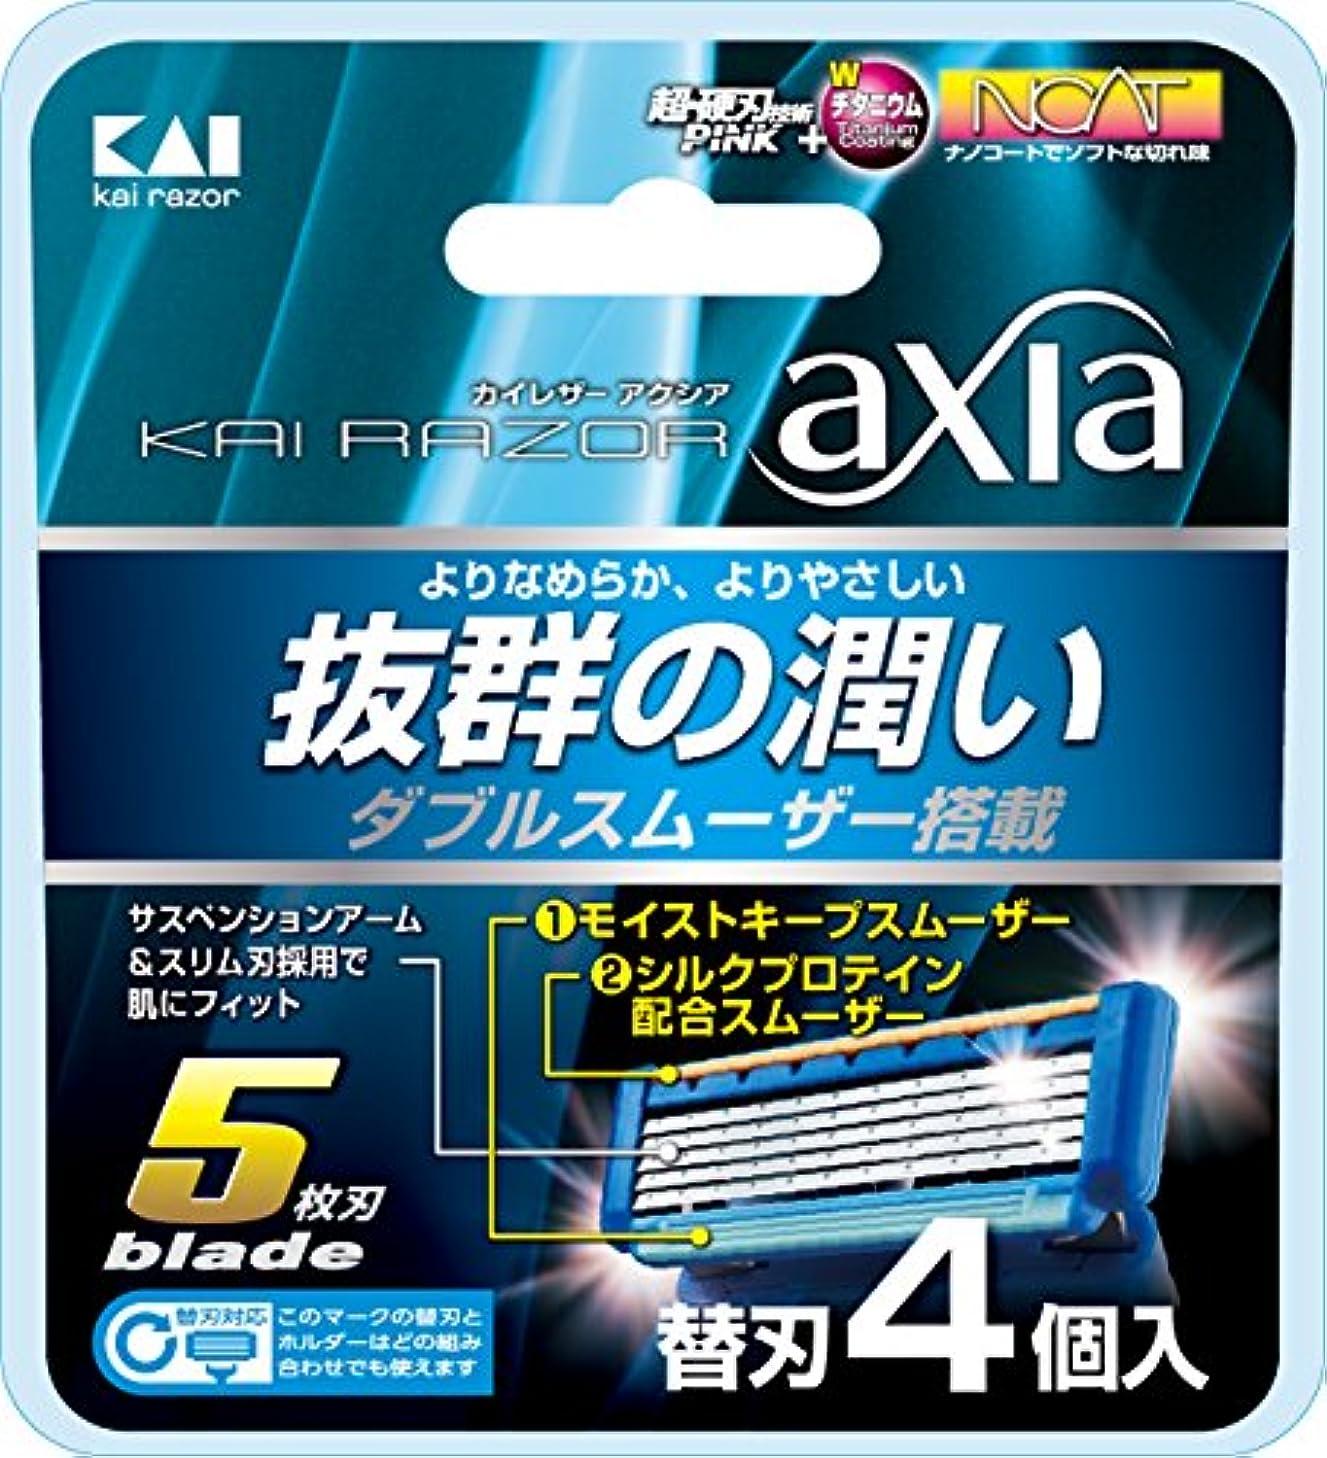 サポート厚いKAI RAZOR axia(カイ レザー アクシア)5枚刃 替刃 4個入